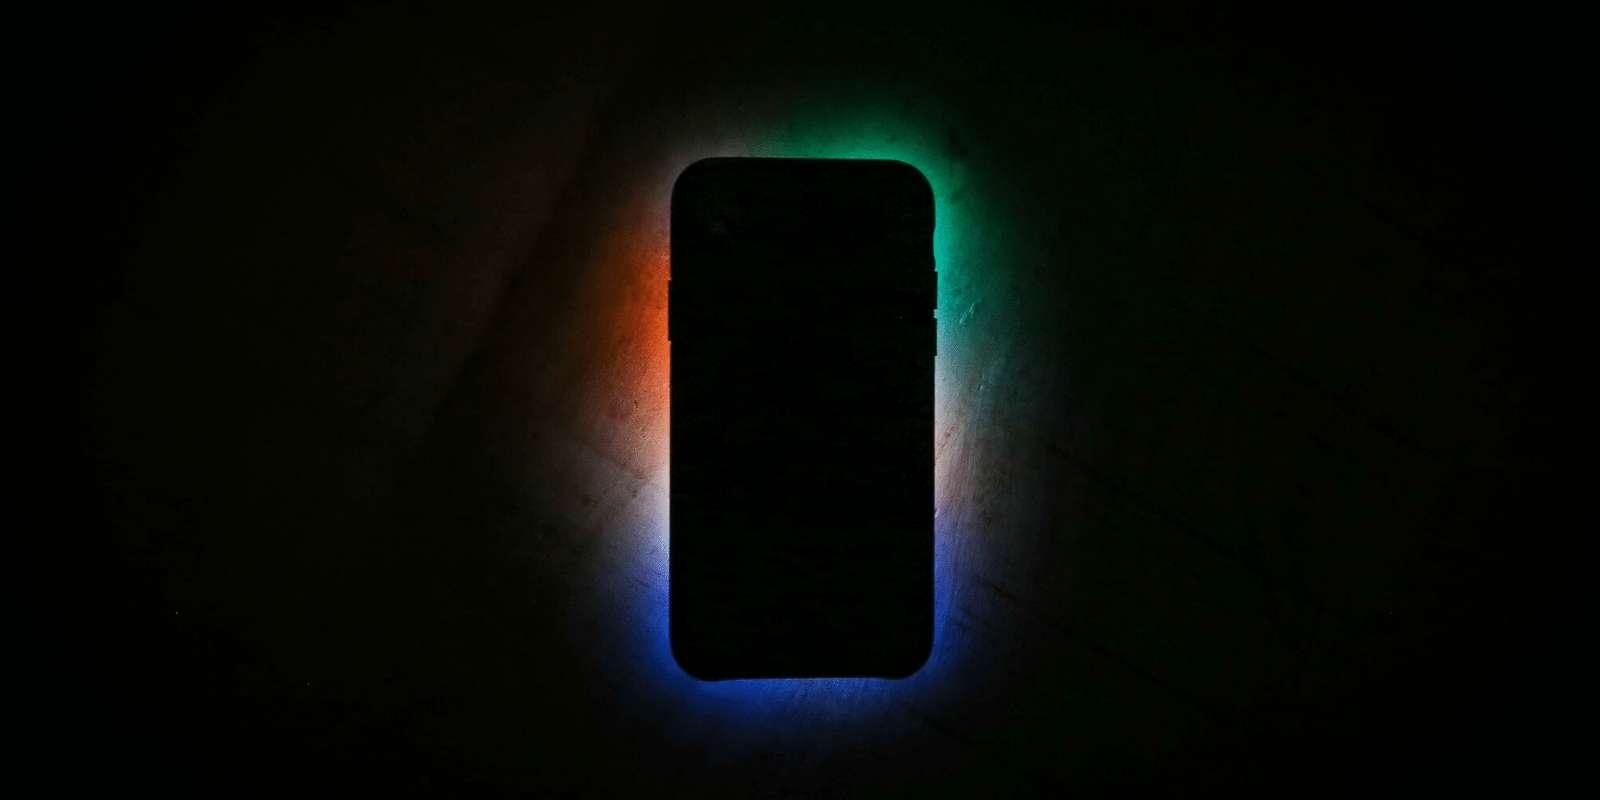 Premier smartphone au monde équipé d'une caméra au capteur photo de 108 mégapixels, le Xiaomi Mi Note 10 arrivera en France en novembre 2019. © Unsplash